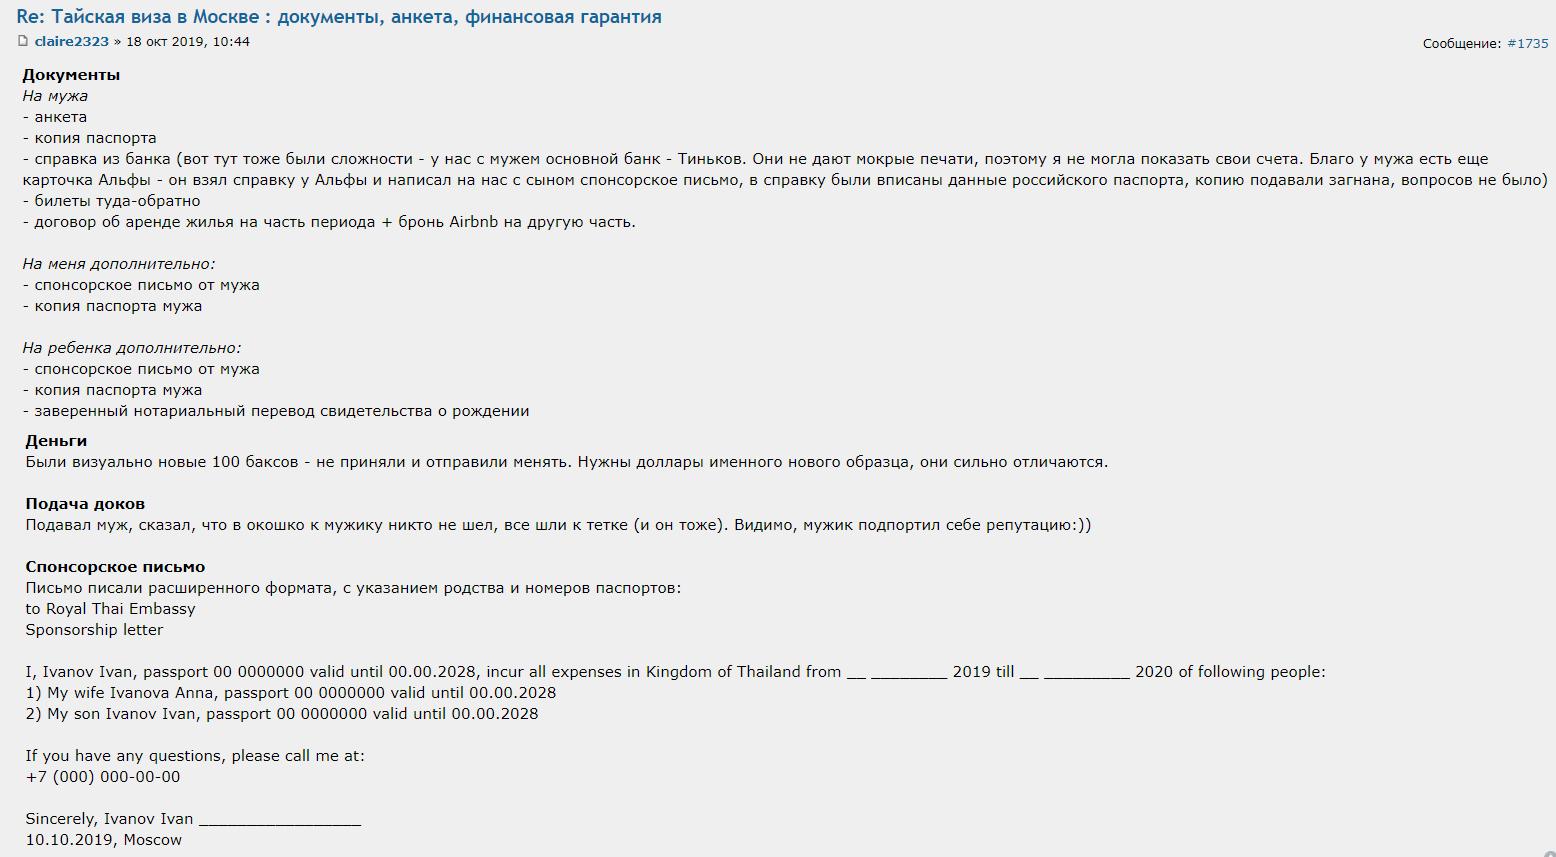 Тайская виза в Москве (Документы, деньги, спонсорское письмо) Источник – forum.awd.ru